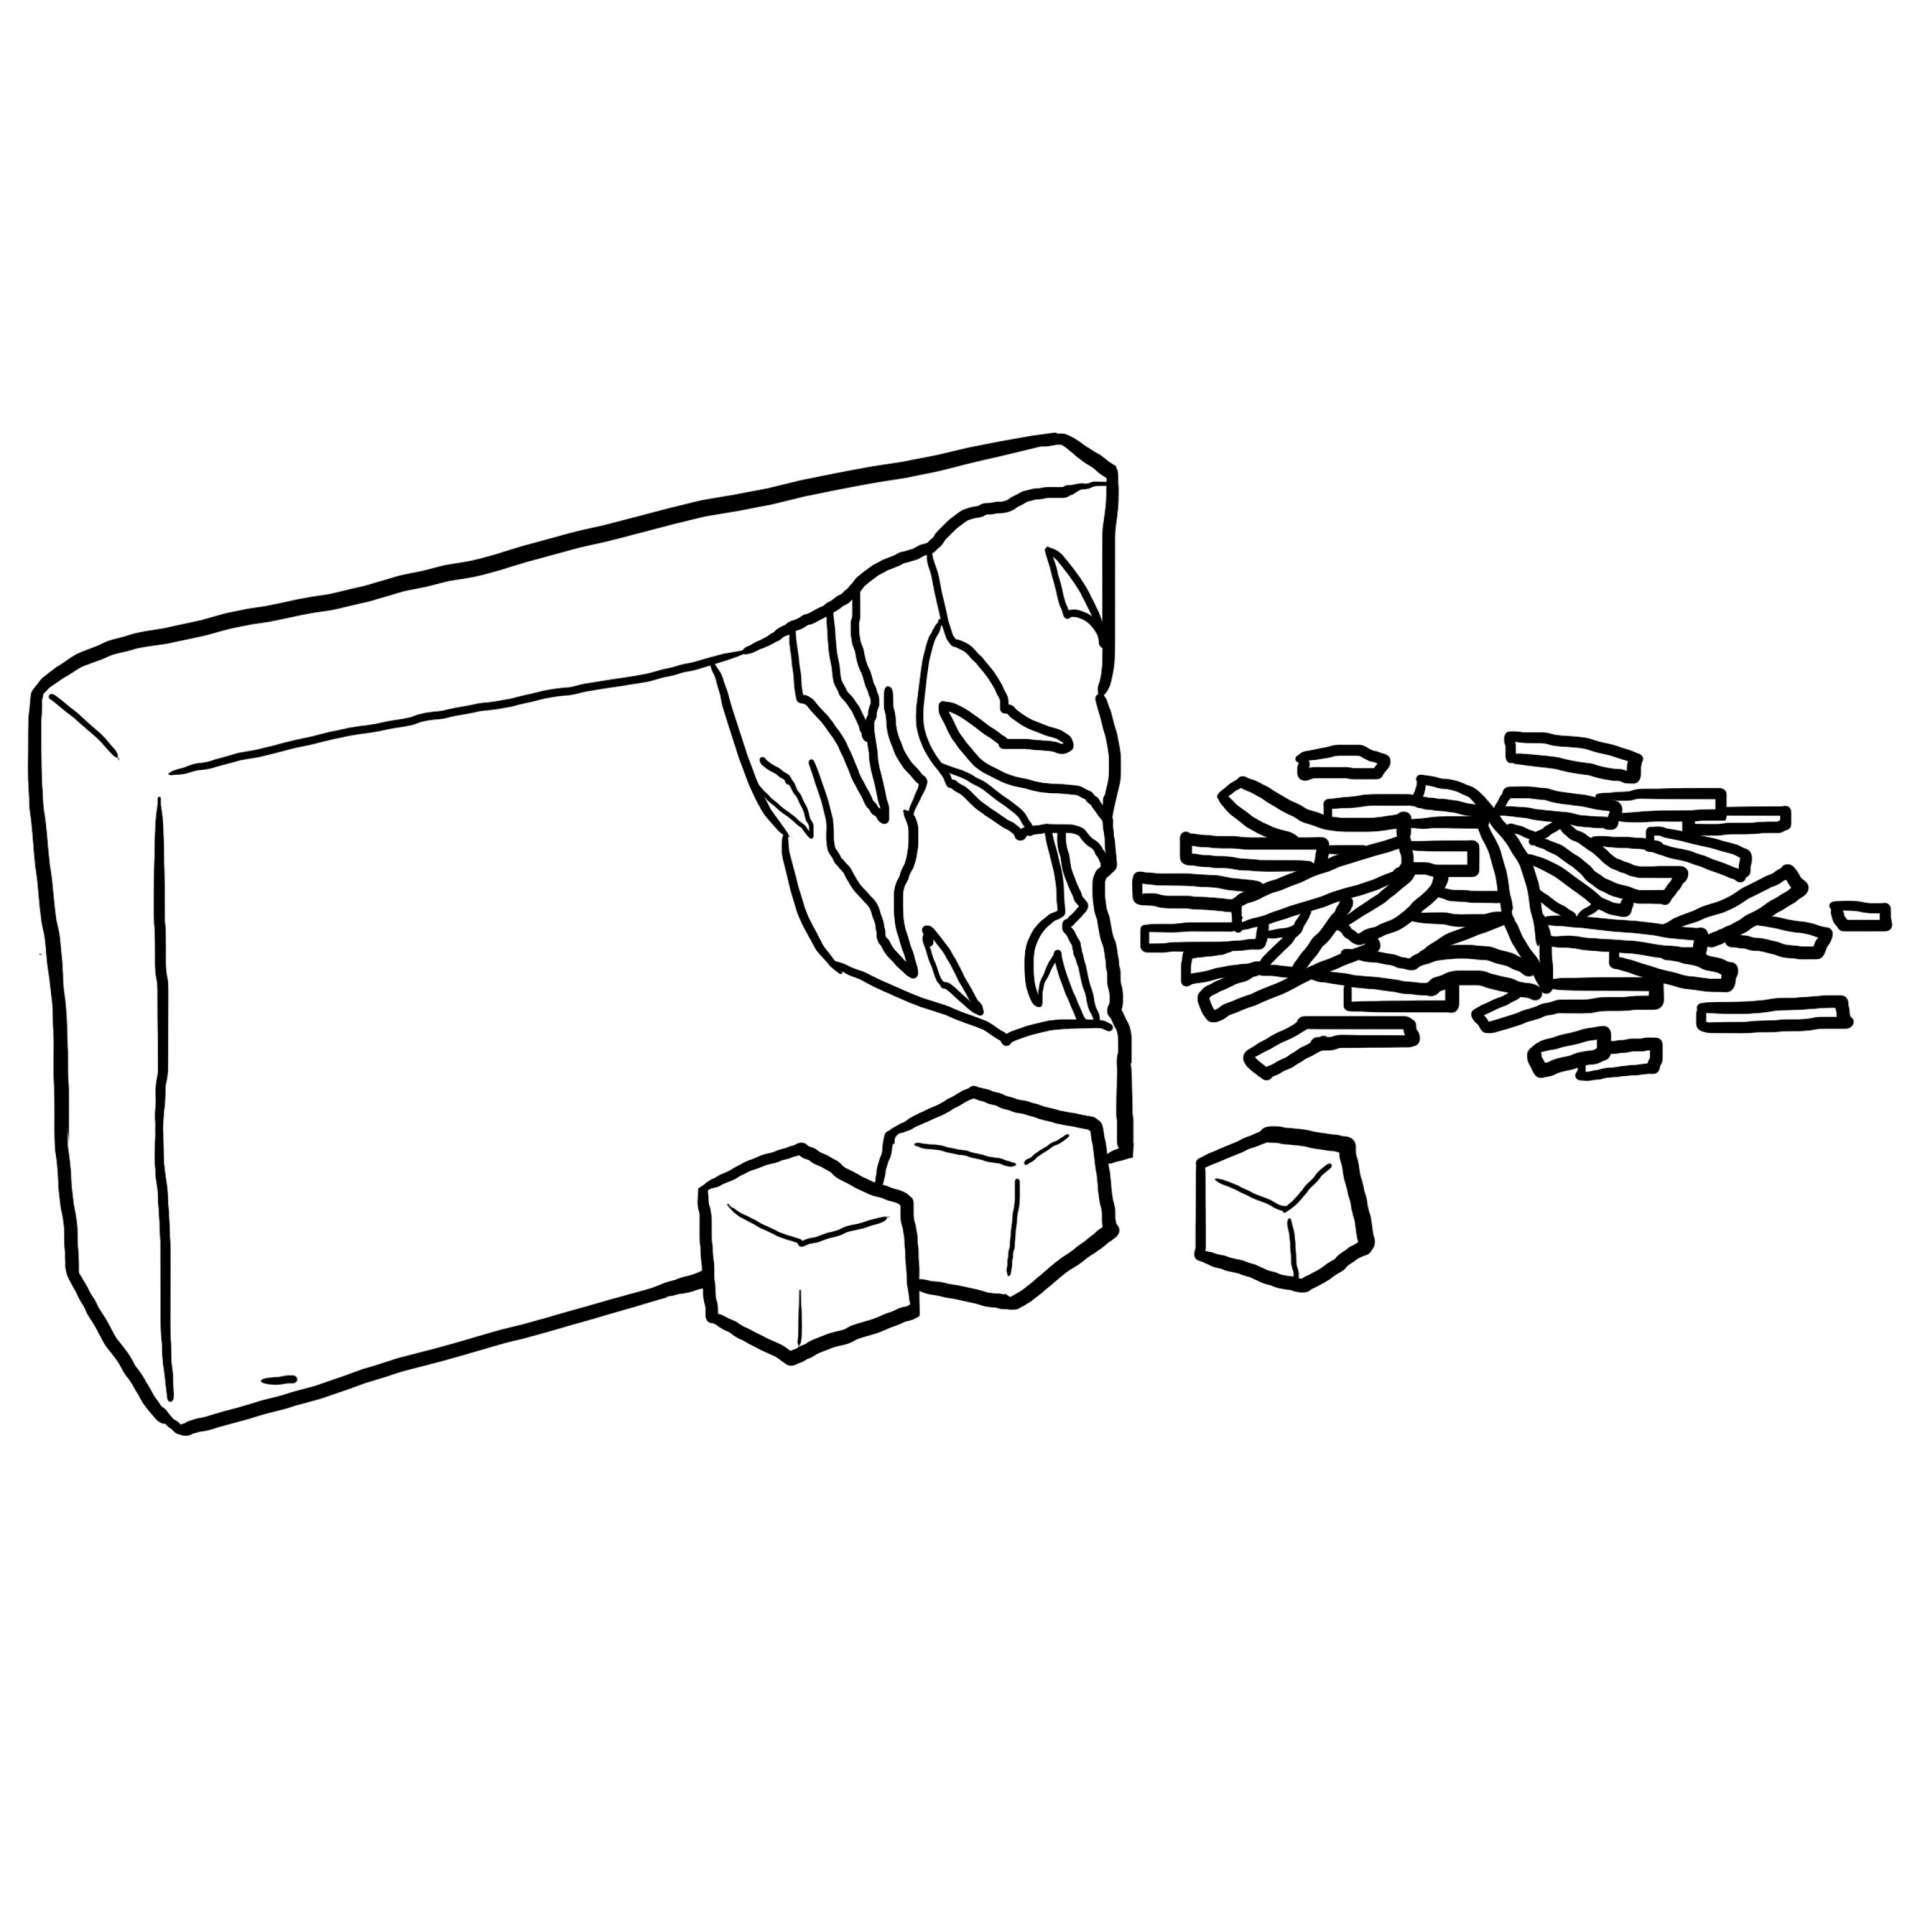 Coloriage le fromage jeux et outils fondation olo - Jeux et coloriage ...